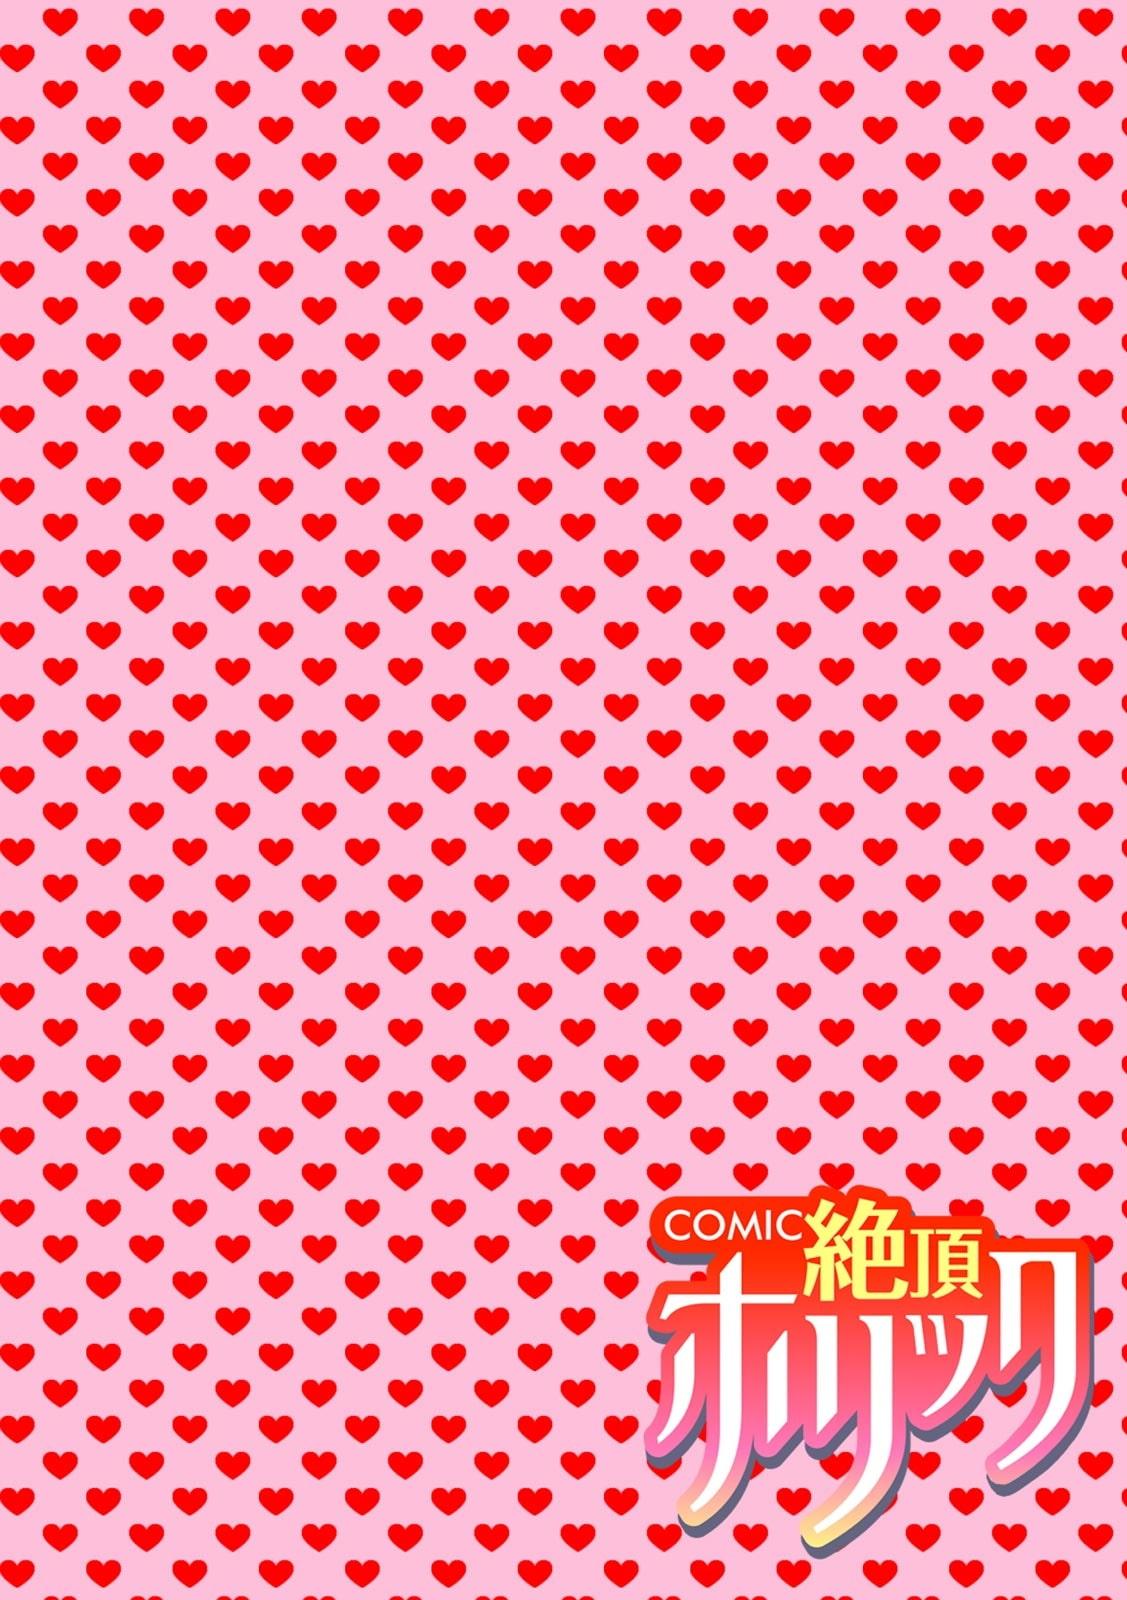 COMIC絶頂ホリック vol.29